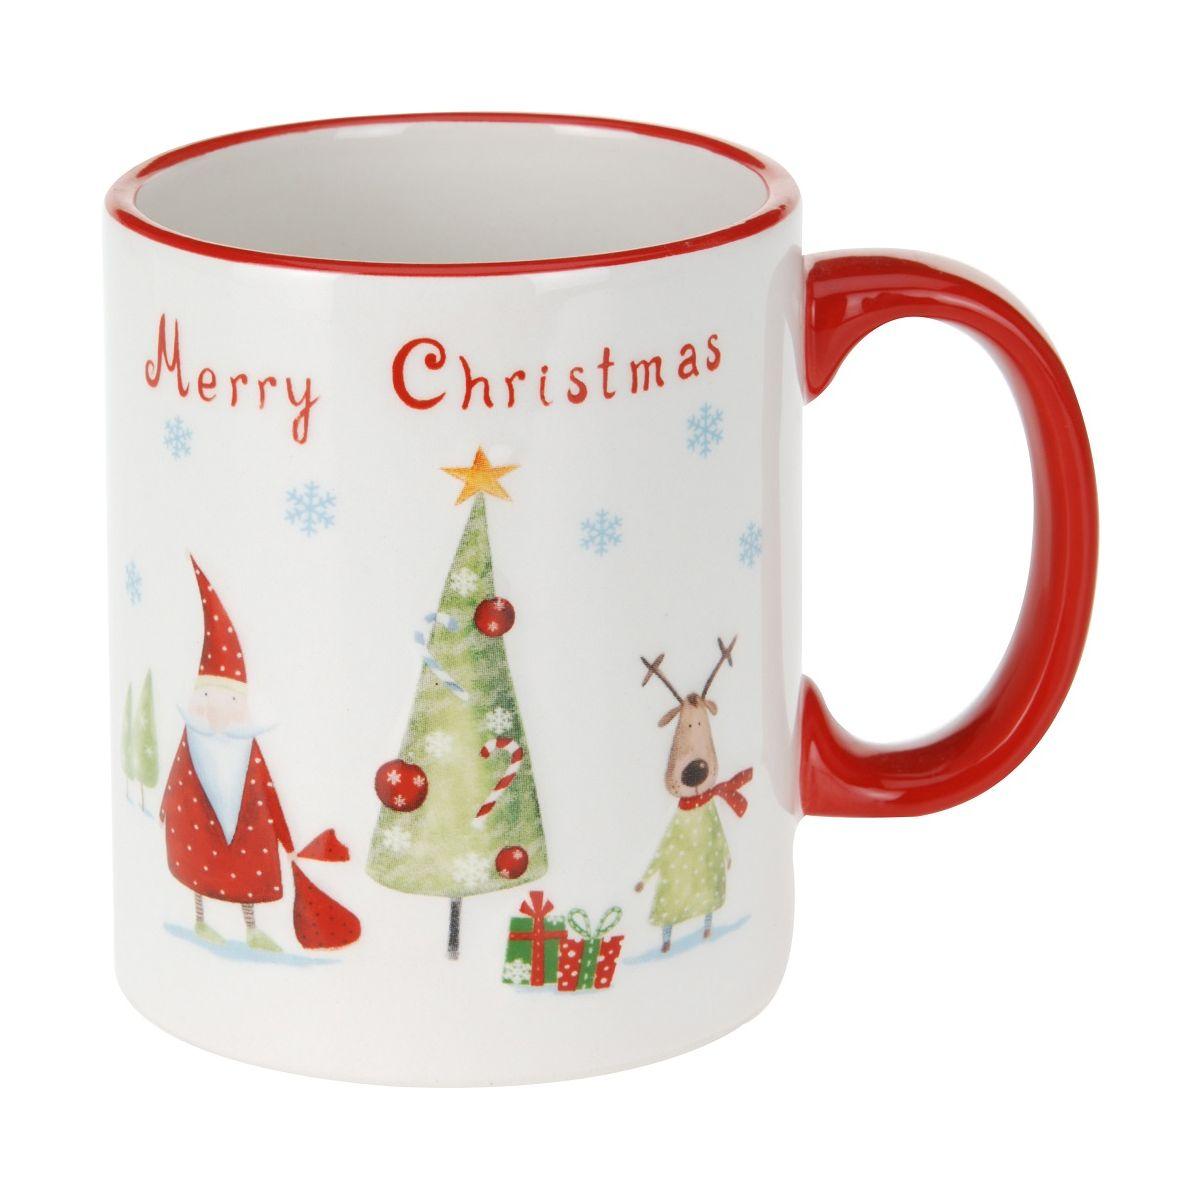 Кружка Merry christmas 370 млкружка Merry christmas 370 мл<br>